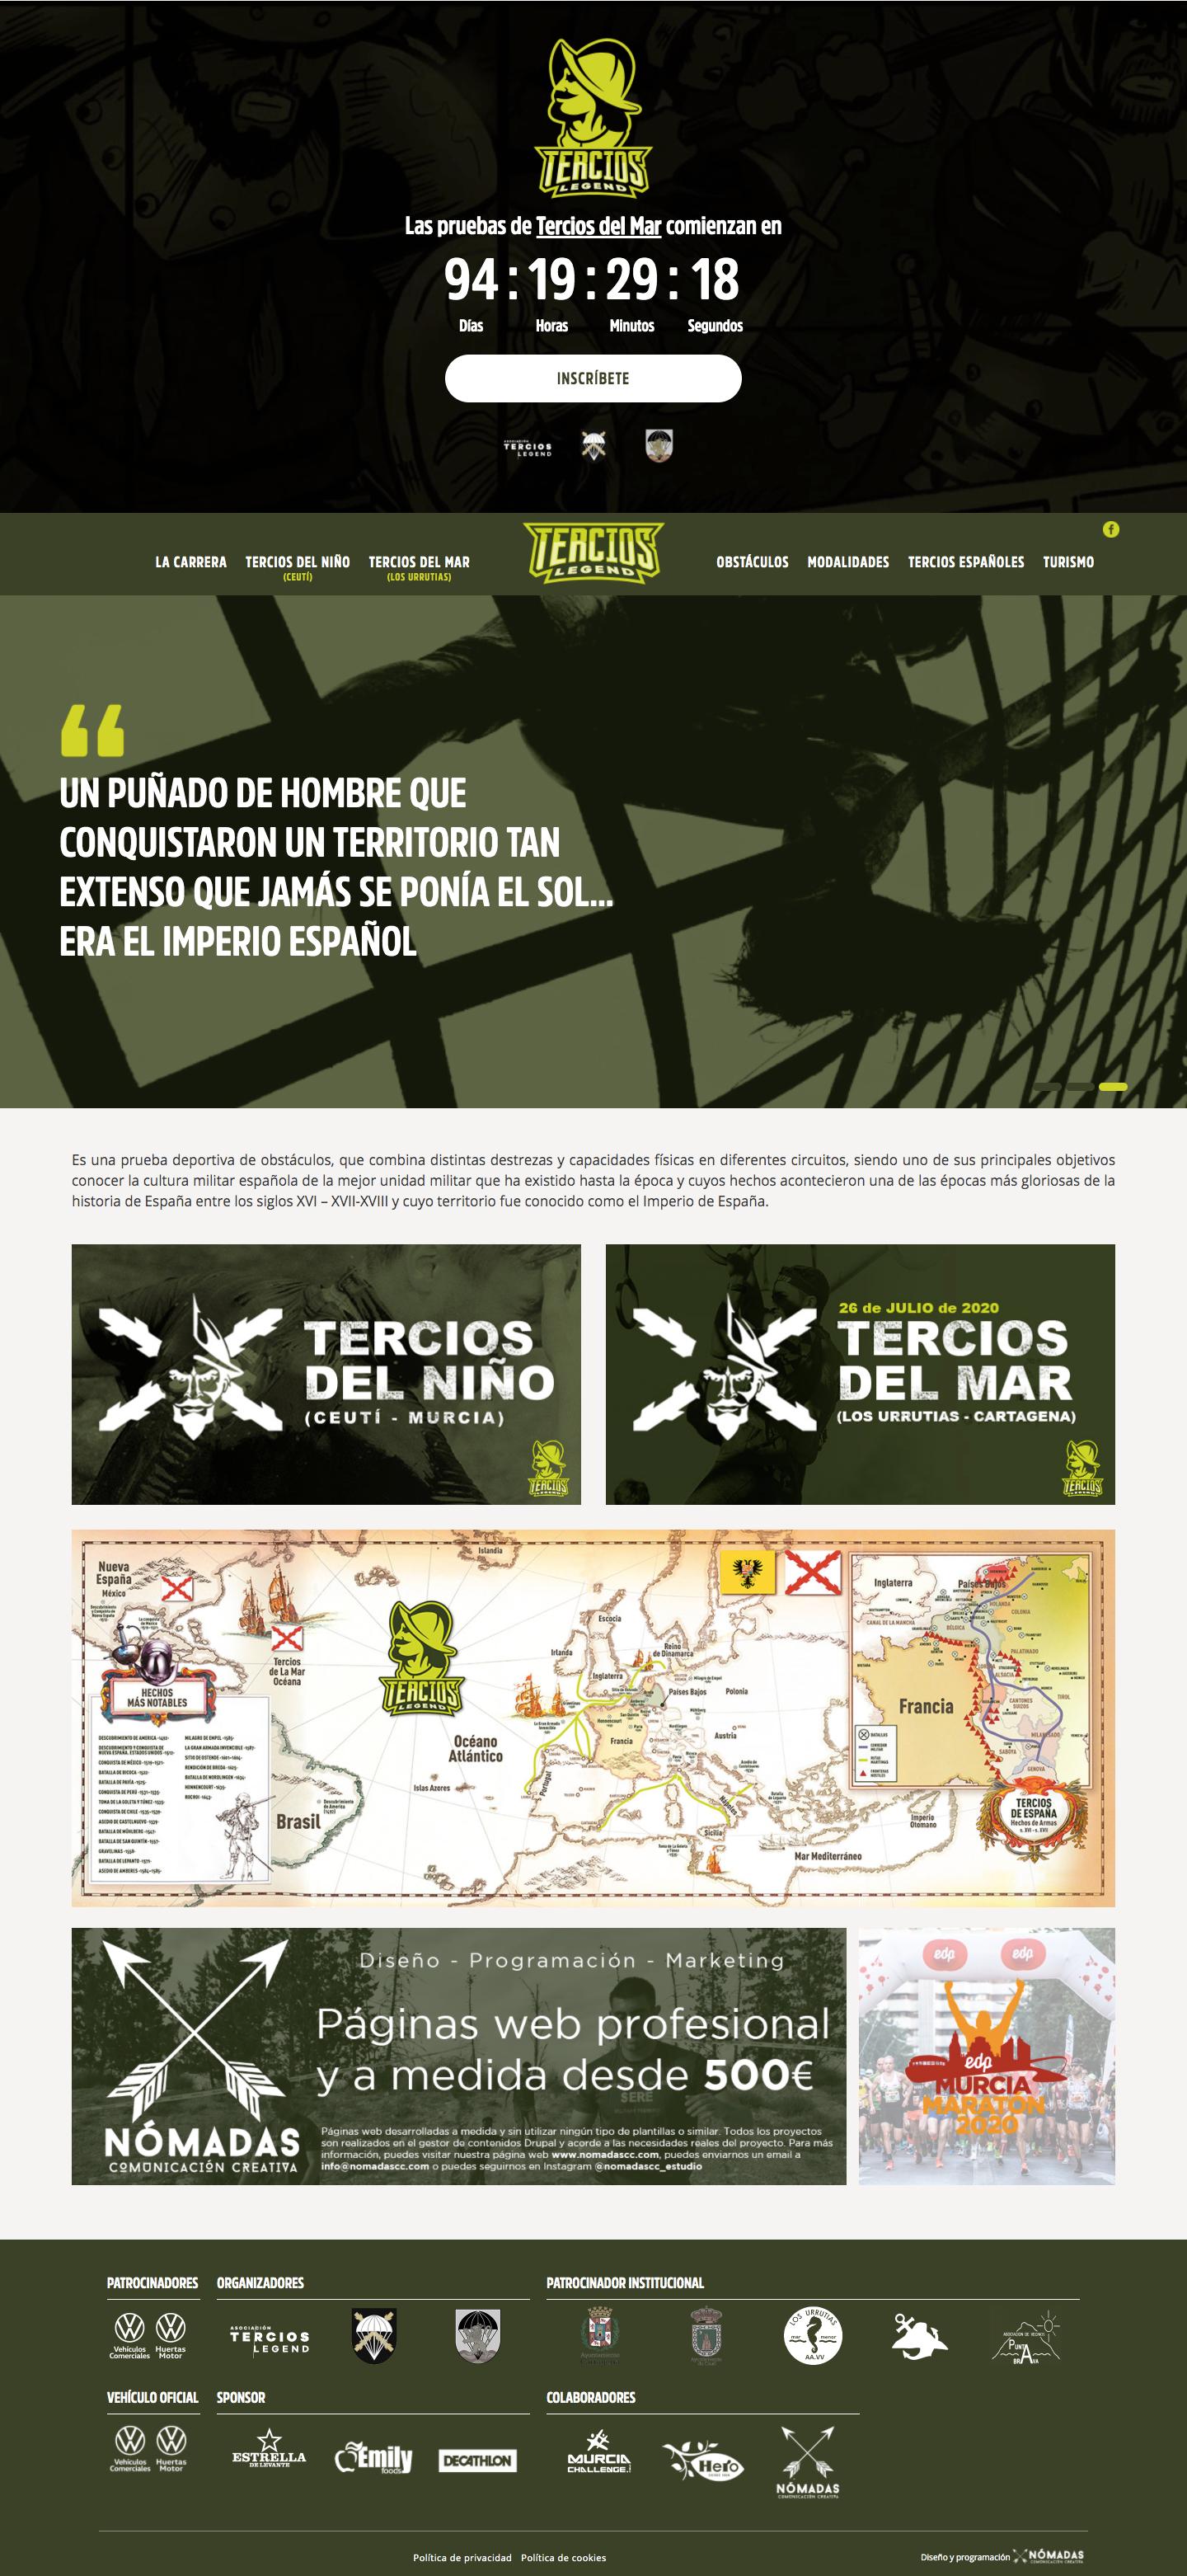 Desarrollado de página web con Drupal por un programador freelance en Murcia | Nómadas Comunicación Creativa.